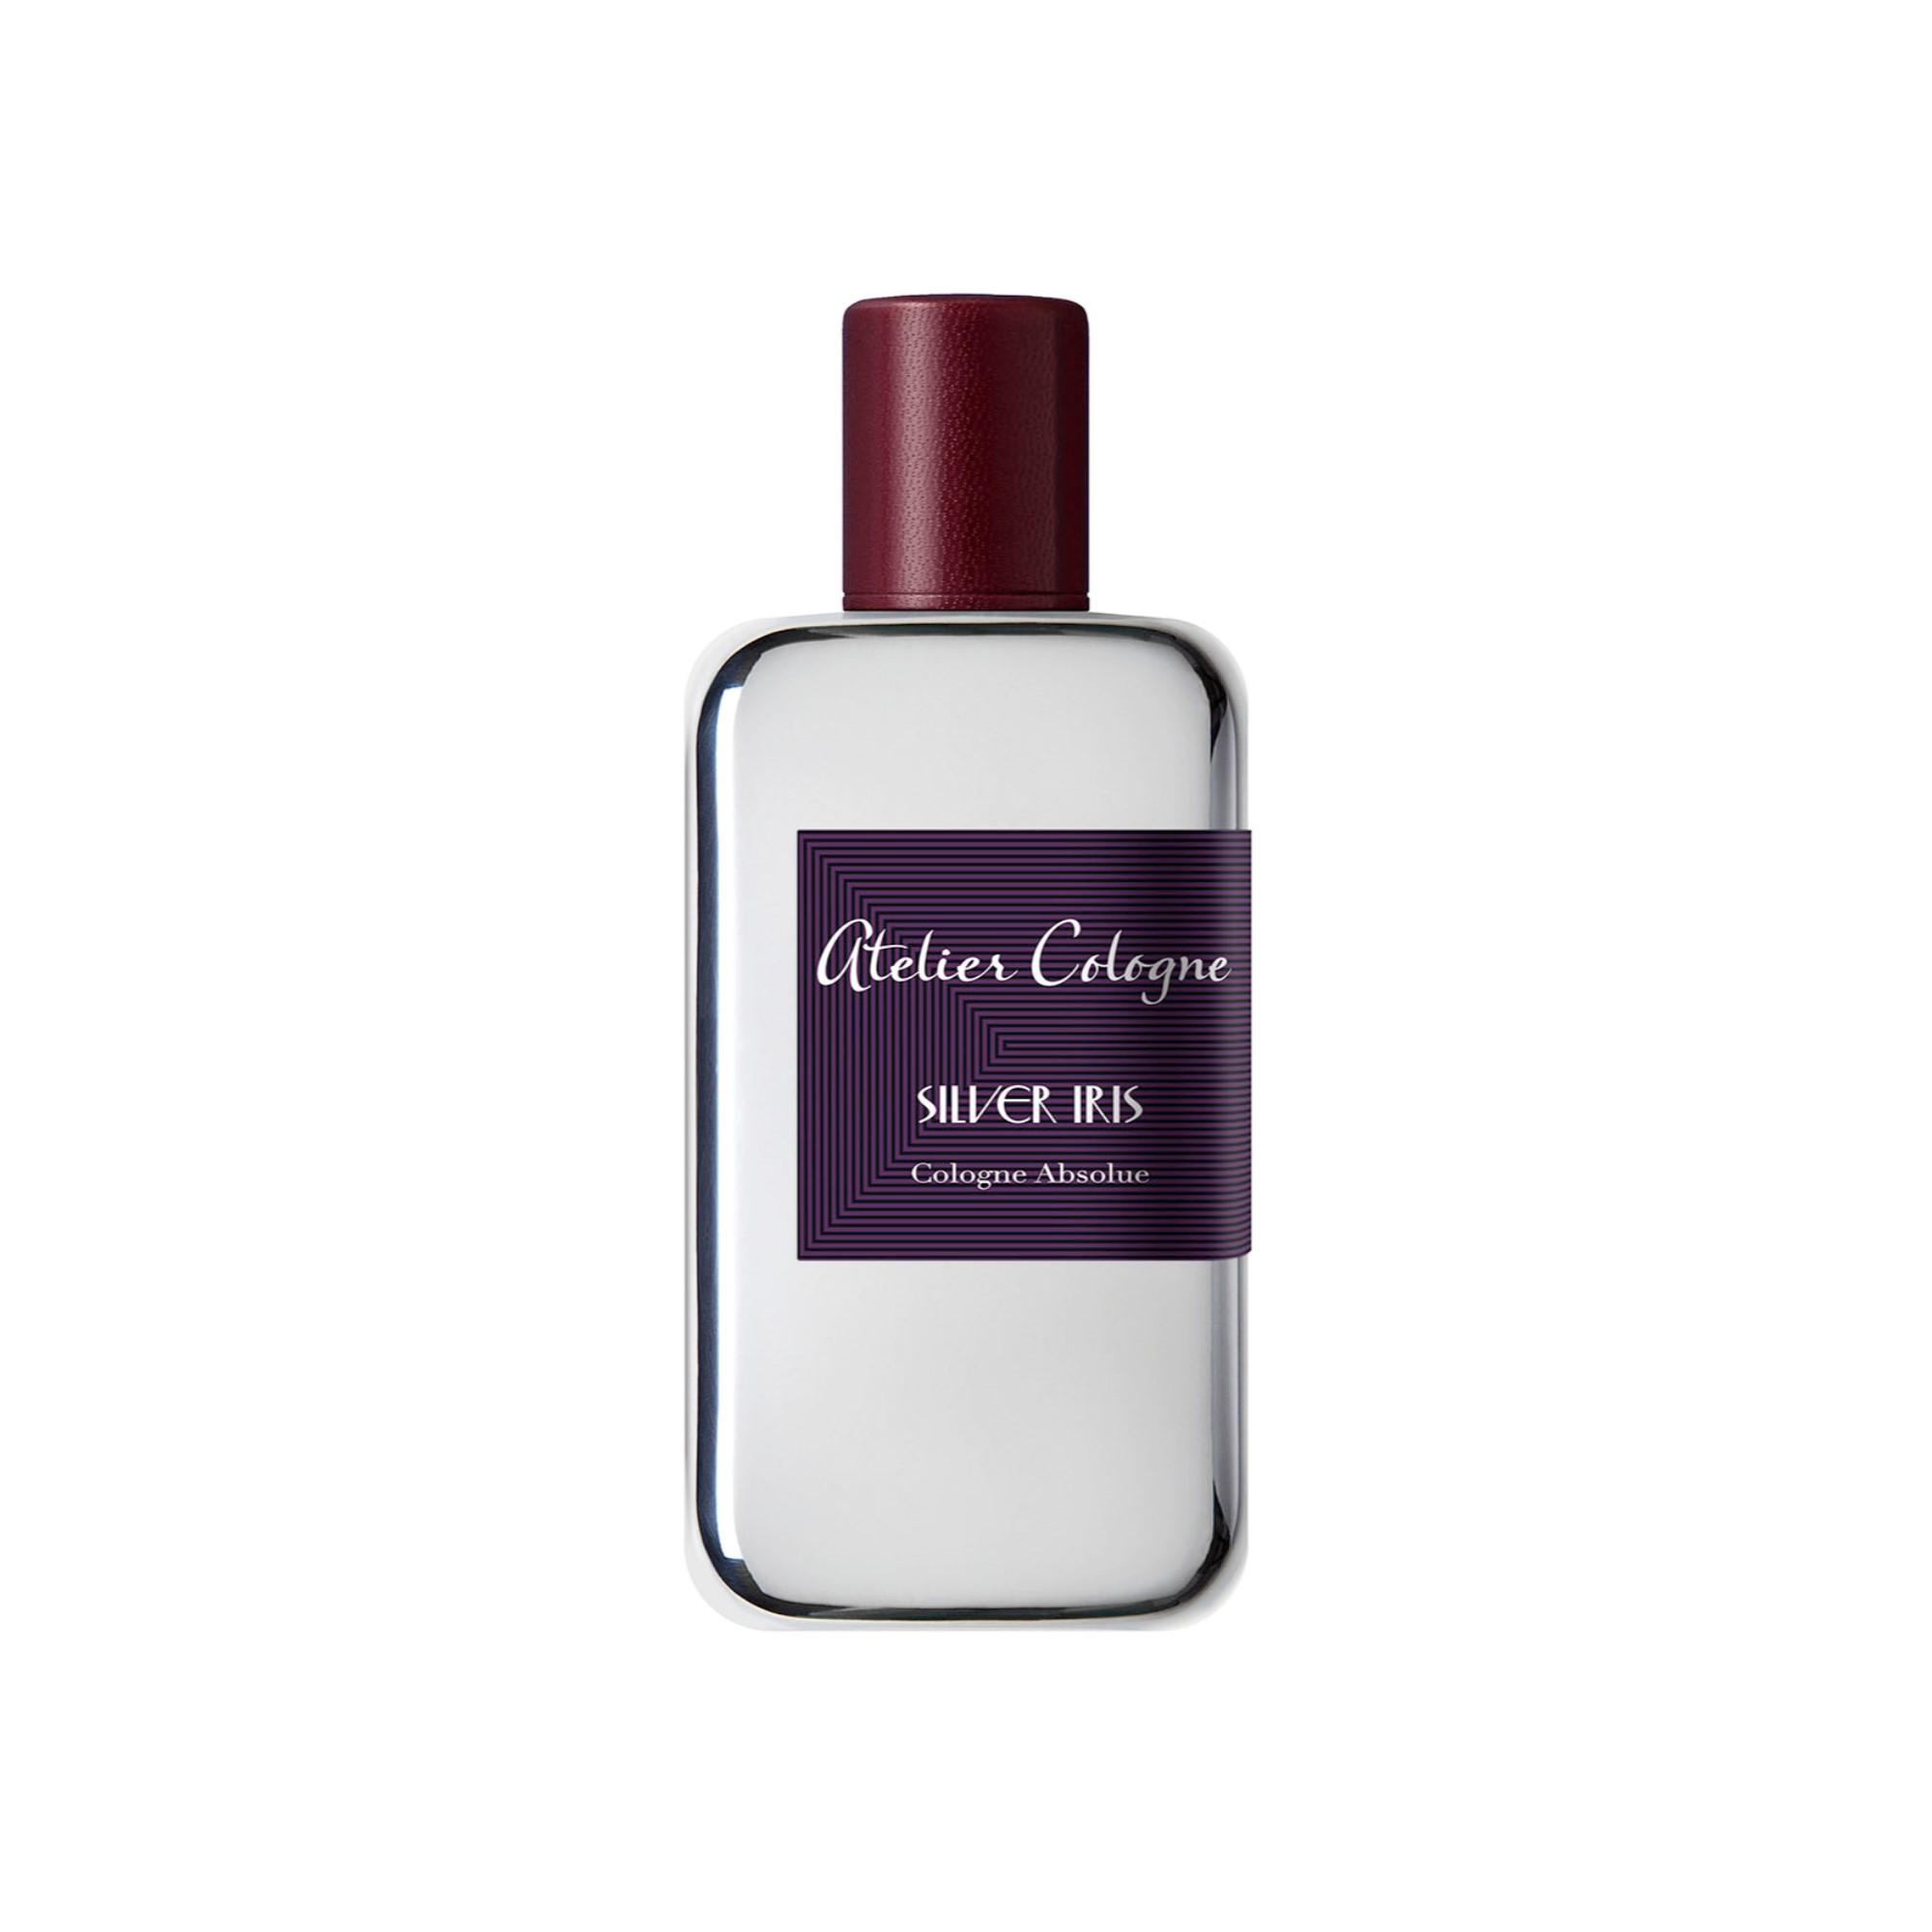 Haute Couture Silver Iris 100ml